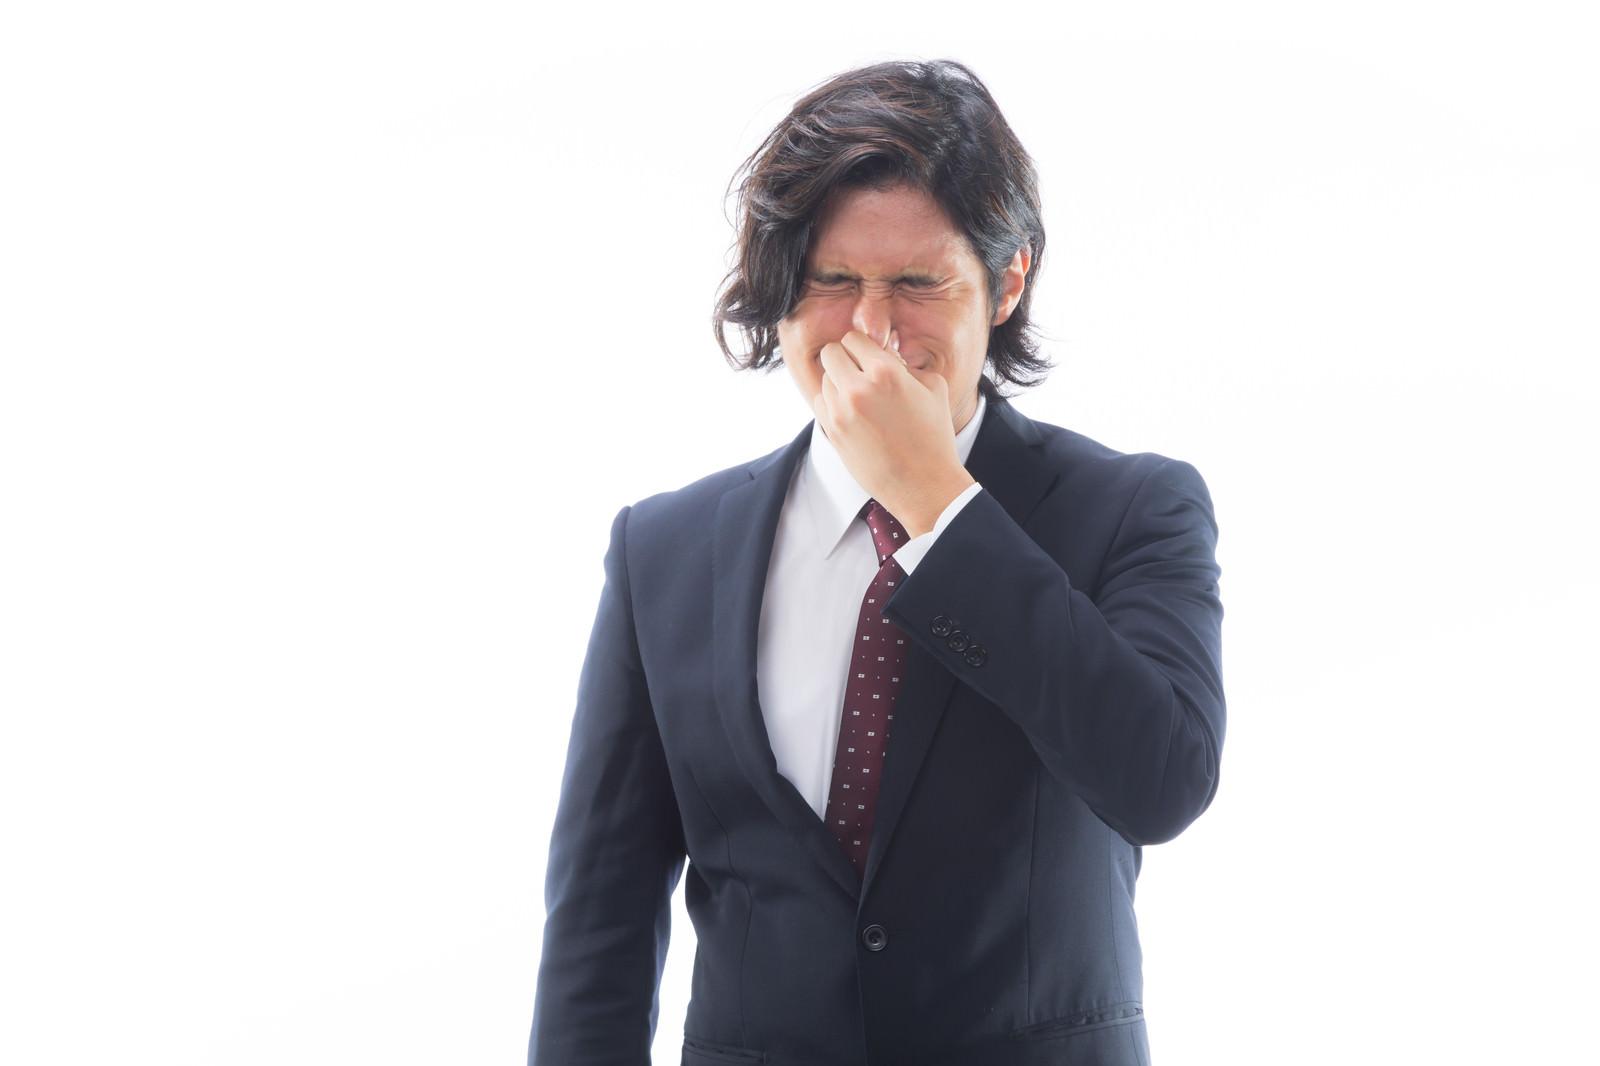 「目がしみるほどの強烈なにおいを嗅ぐ男性会社員」の写真[モデル:竹田匡宏]